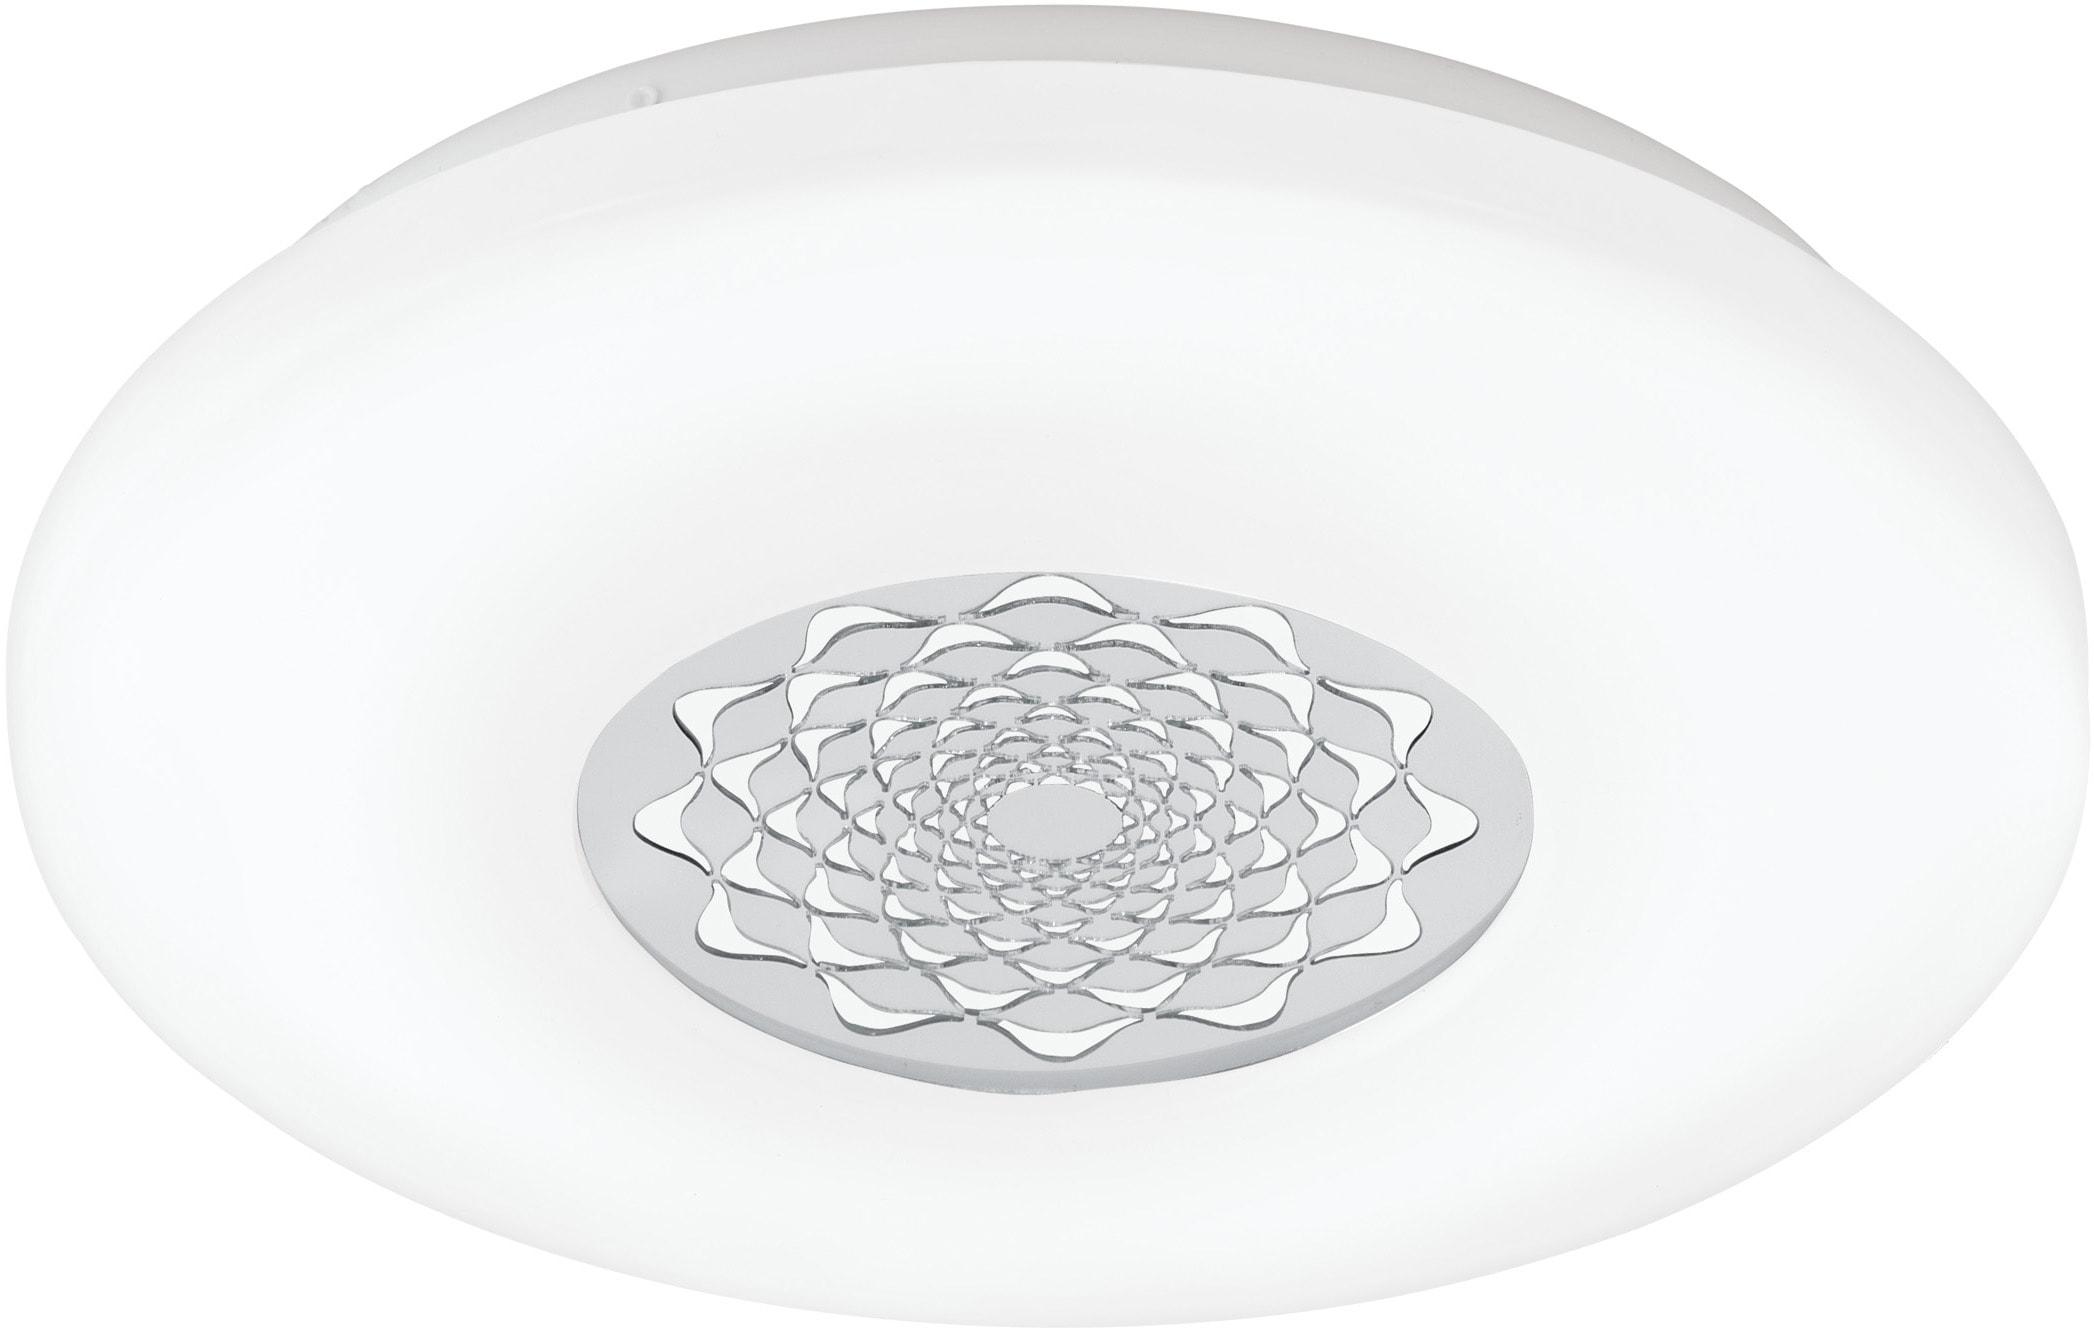 EGLO Deckenleuchte CAPASSO 1, LED-Board, Warmweiß, Deckenlampe